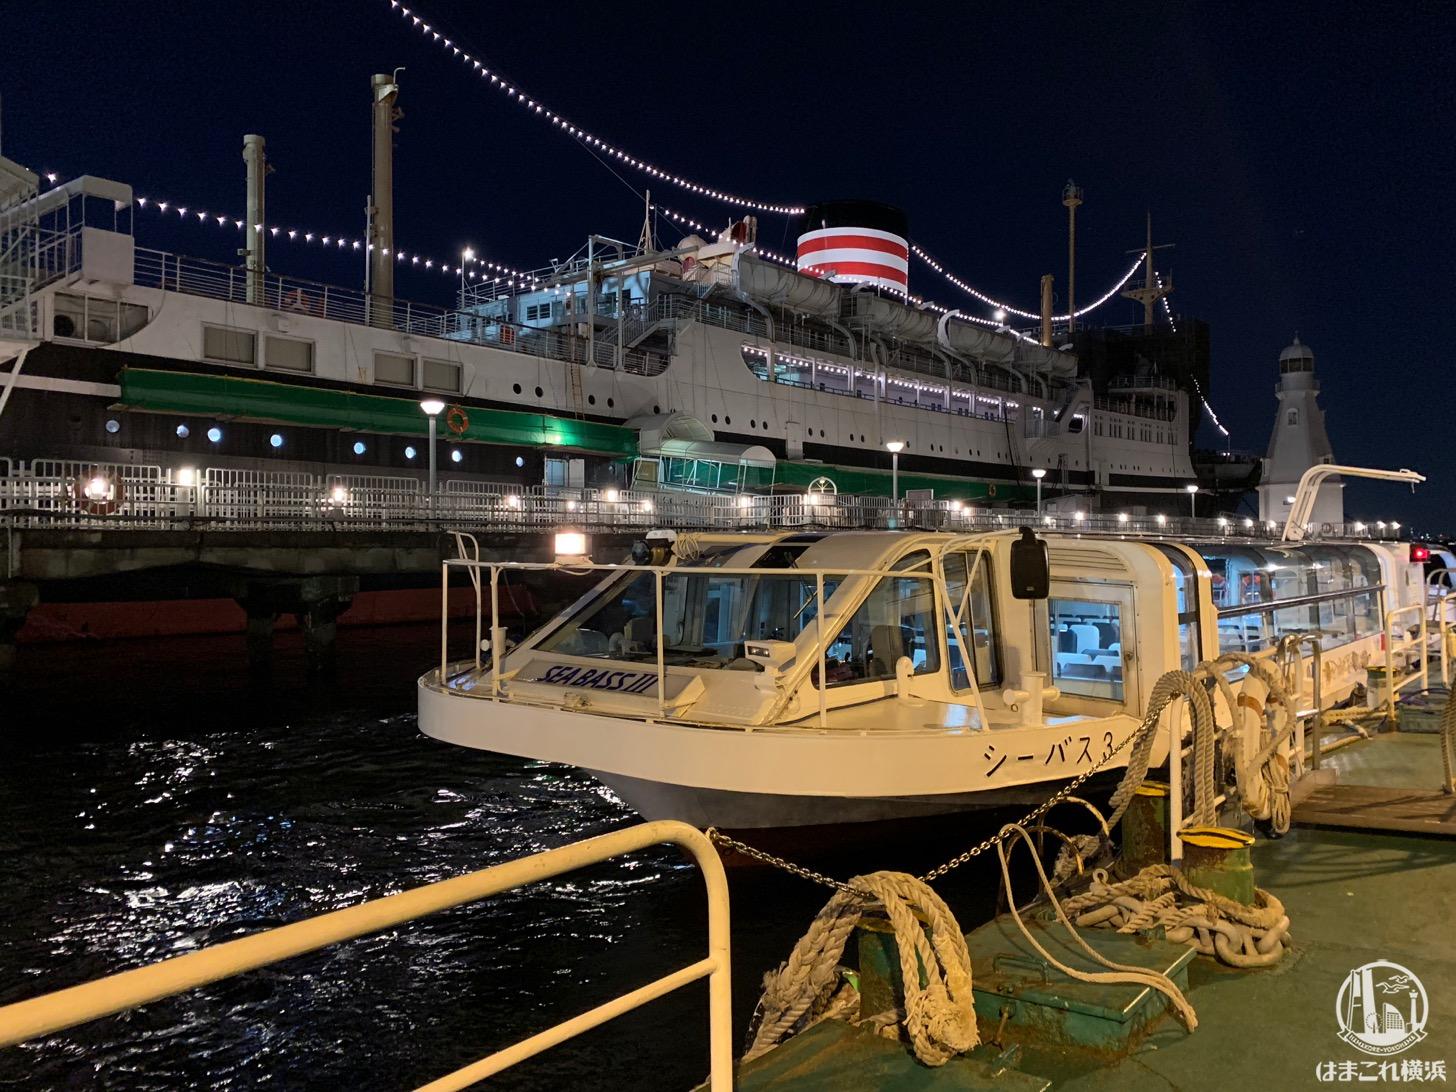 シーバスで海上から横浜の夕景・夜景を満喫!クルージングなのに安くて楽しい